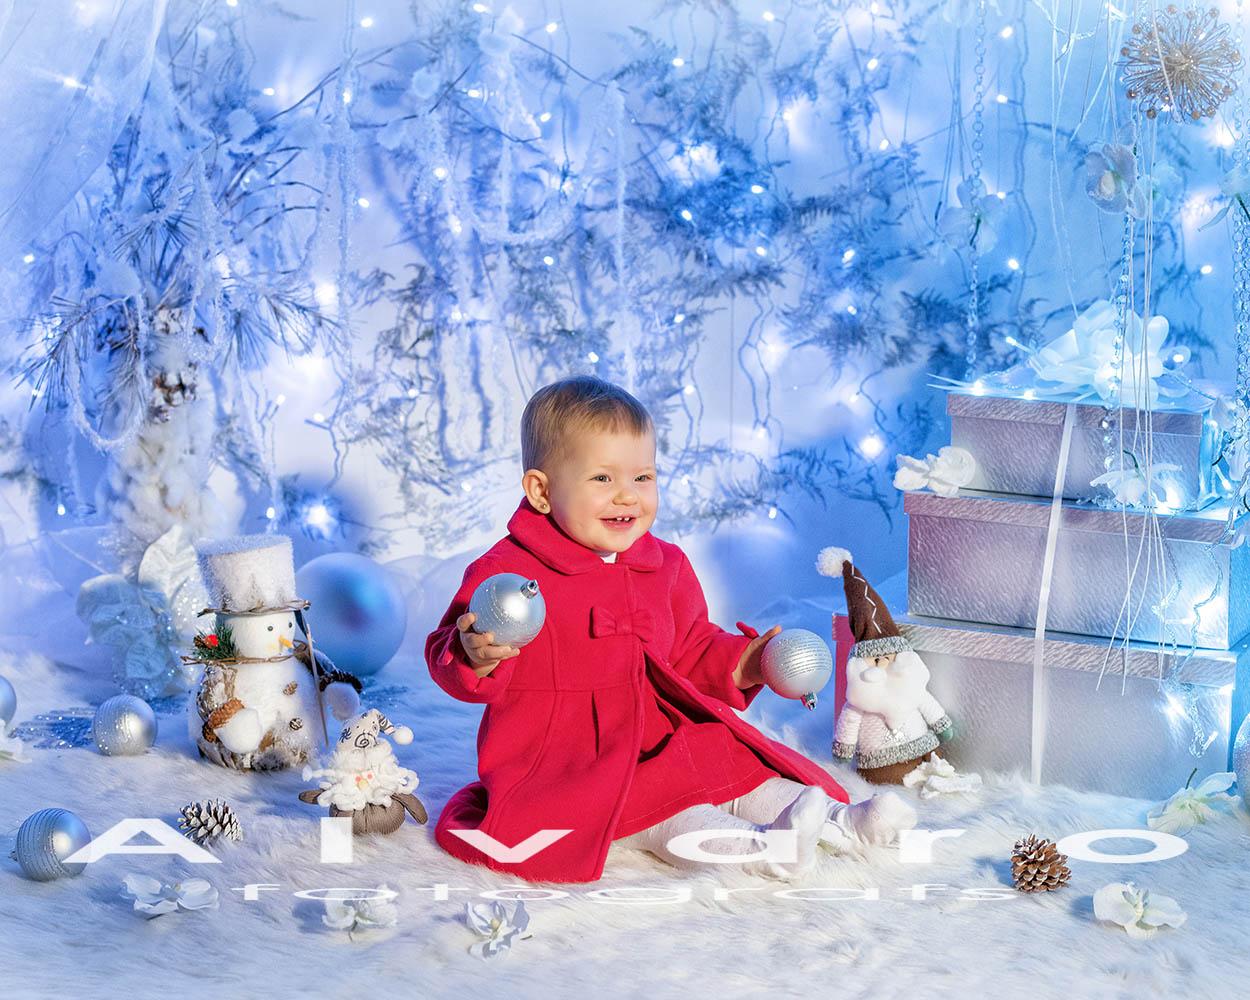 decorado navidad blanco